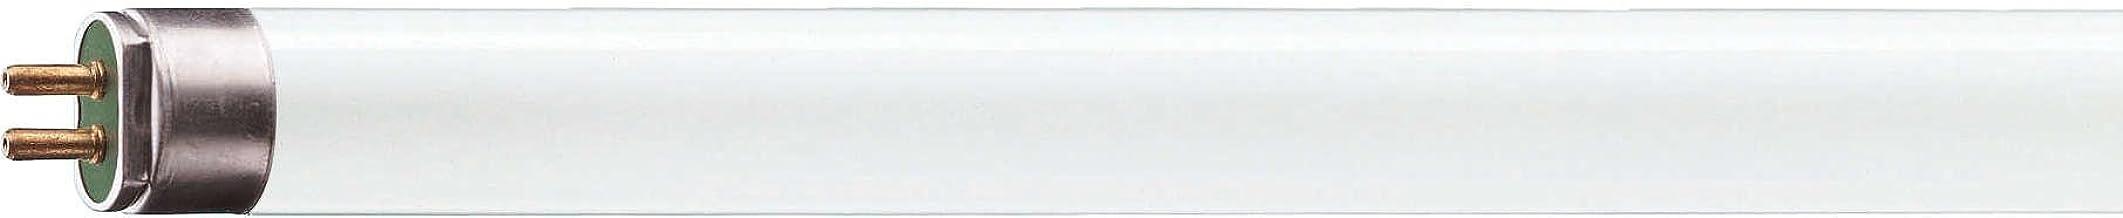 TL-lamp TL5 54 Watt 865 - Philips 43W daglicht